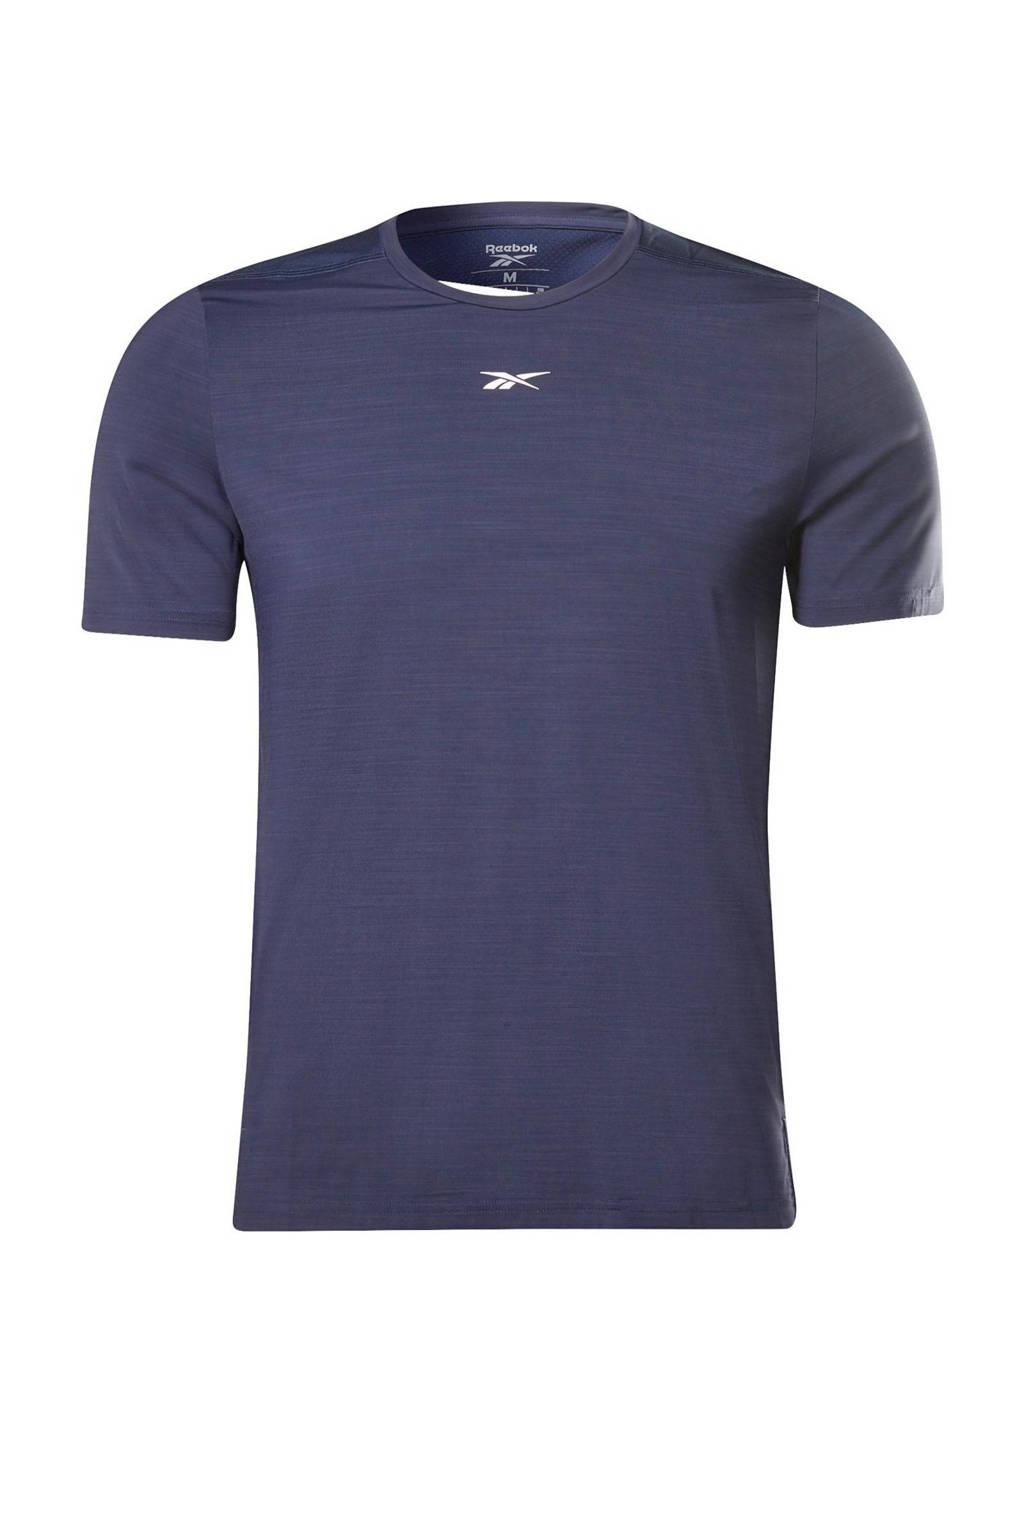 Reebok Training   sport T-shirt donkerblauw, Donkerblauw